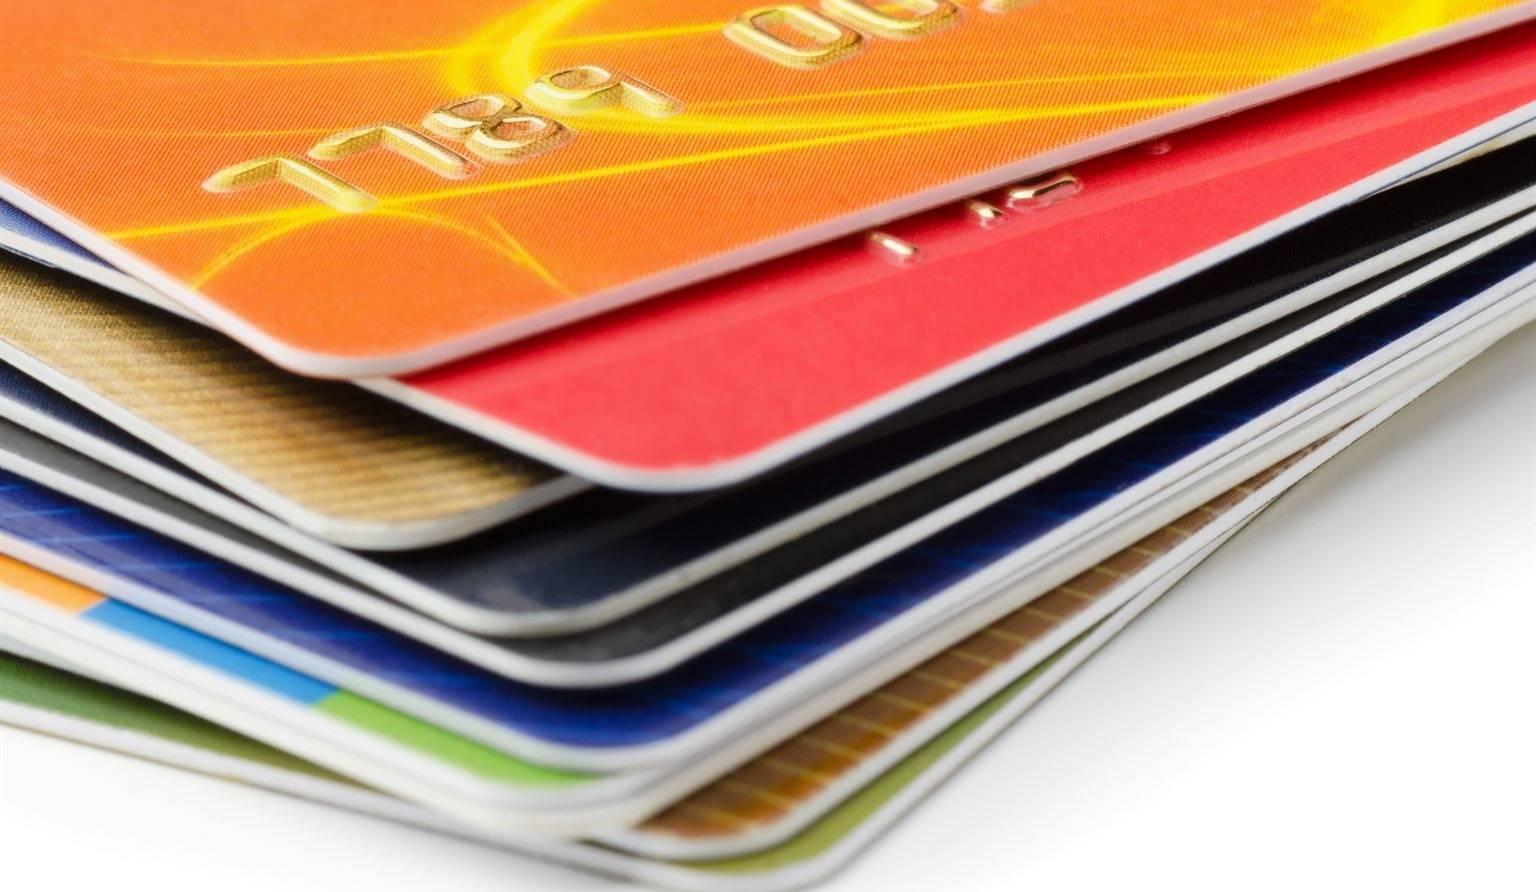 Cartes de credit des indesirables dans la boite aux lettres